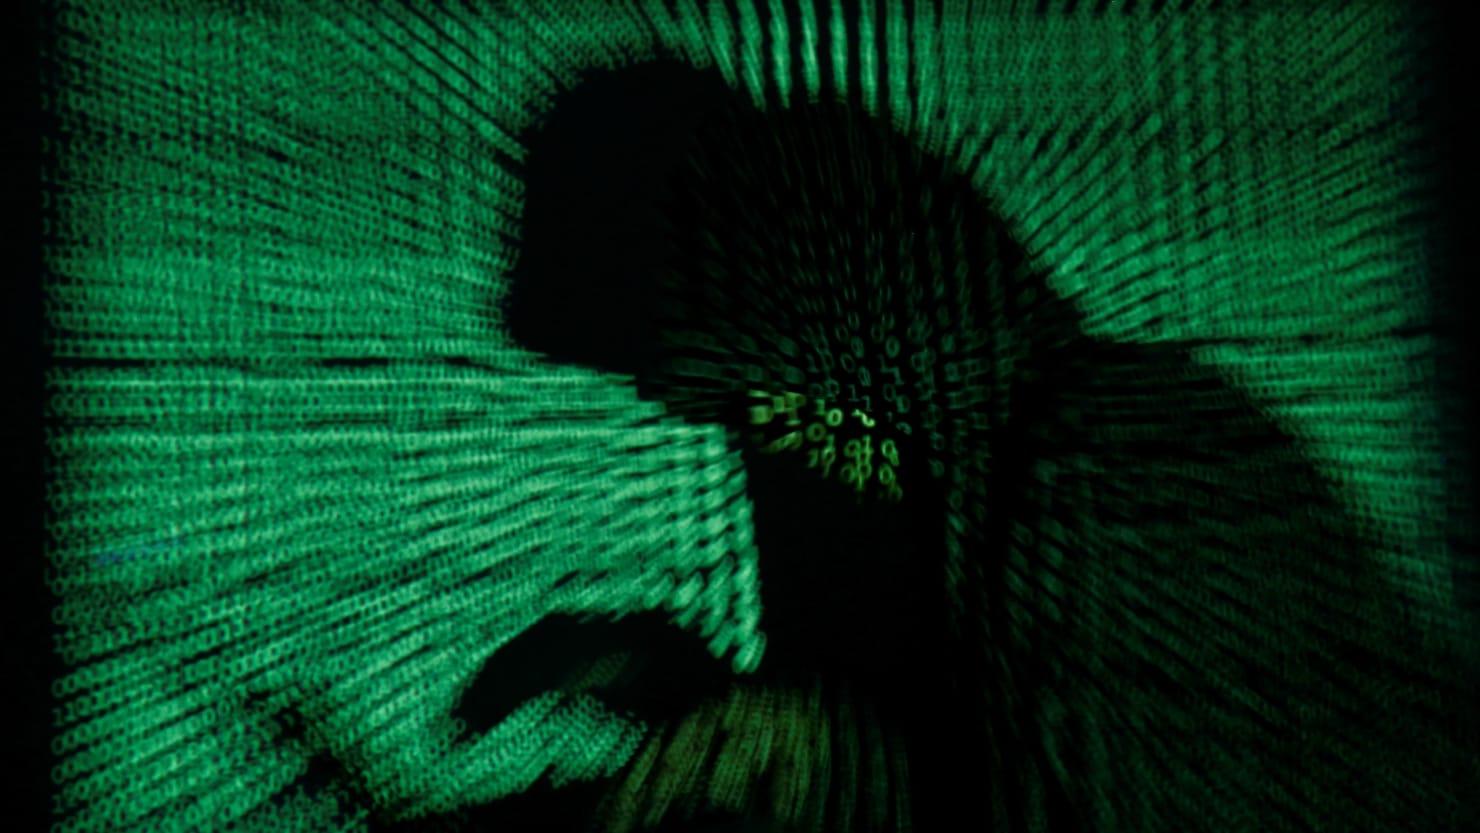 Atacuri cibernetice asupra mai multor state europene. Printre acestea se numără și Romania